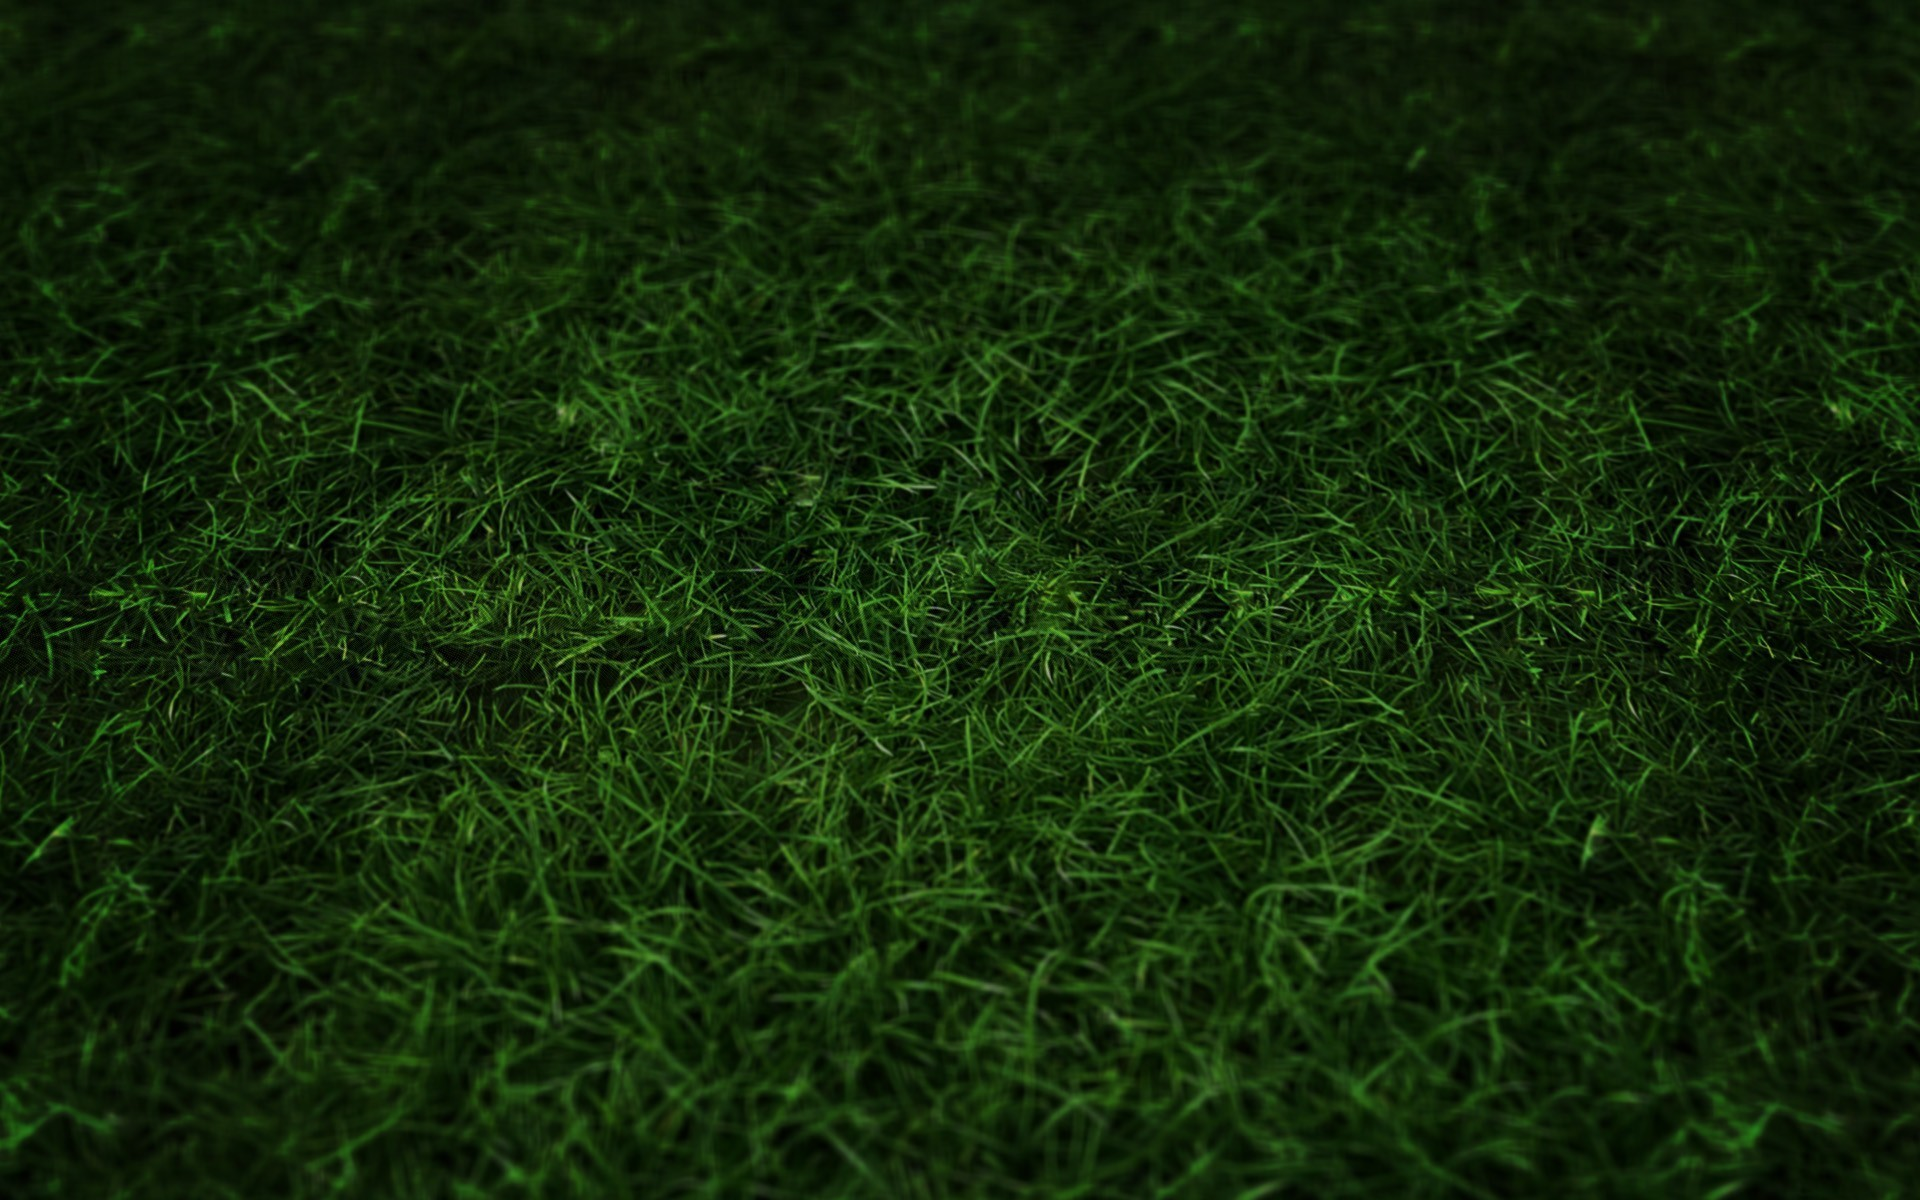 Football Field Grass Wallpaper Green grass 1280×800 wallpaper